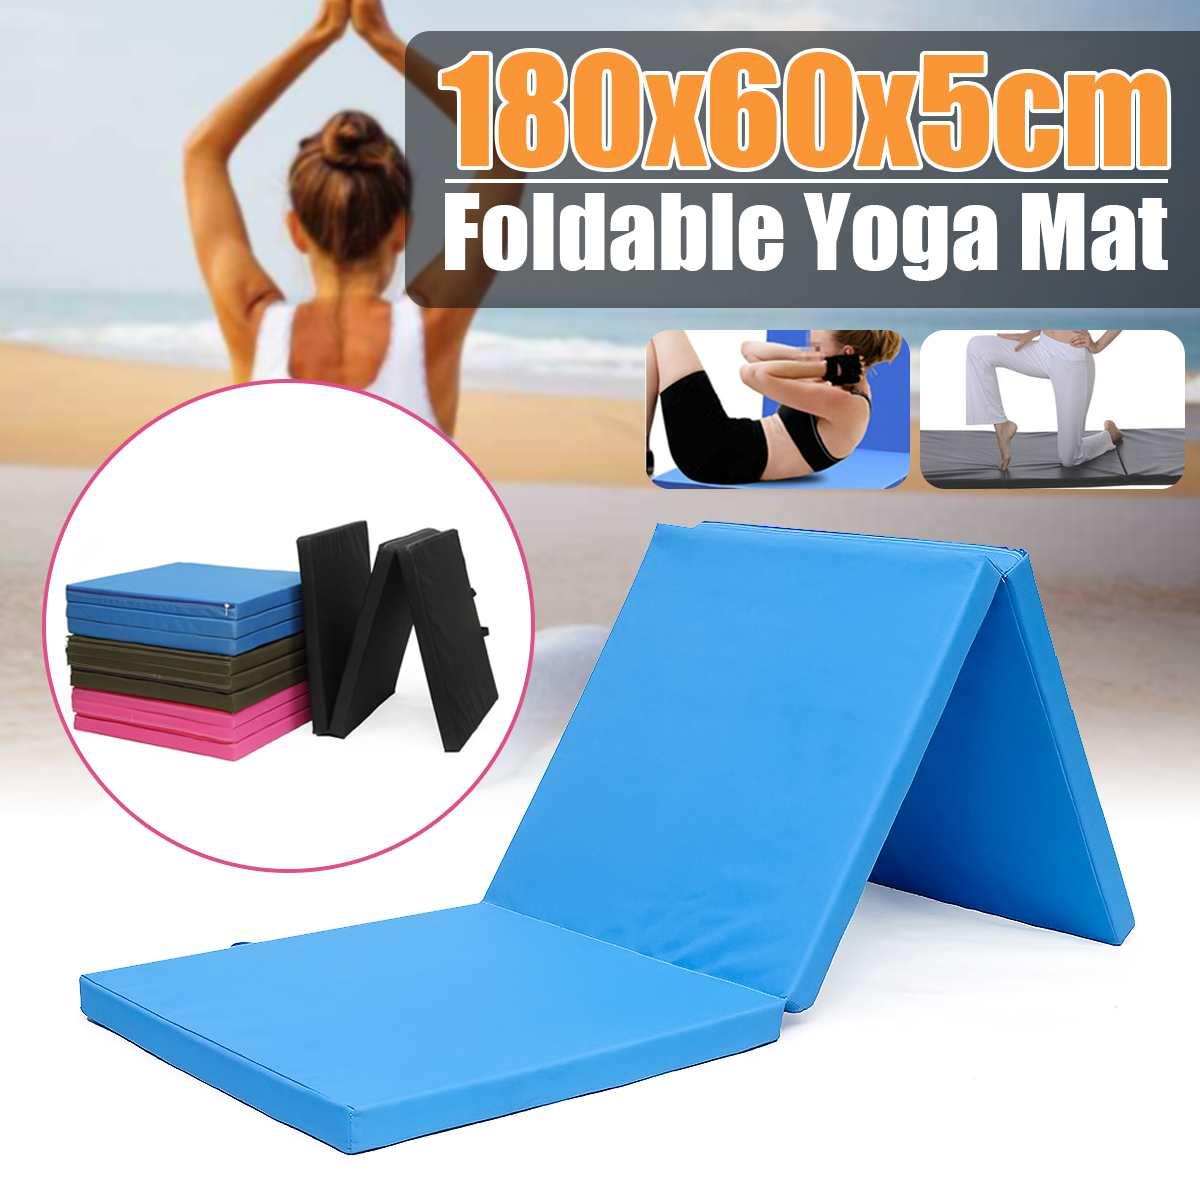 Tapis de gymnastique de Yoga pliant exercice tapis de sol coussin matelas danse Yoga gymnastique formation maison Judo Pilates Gym